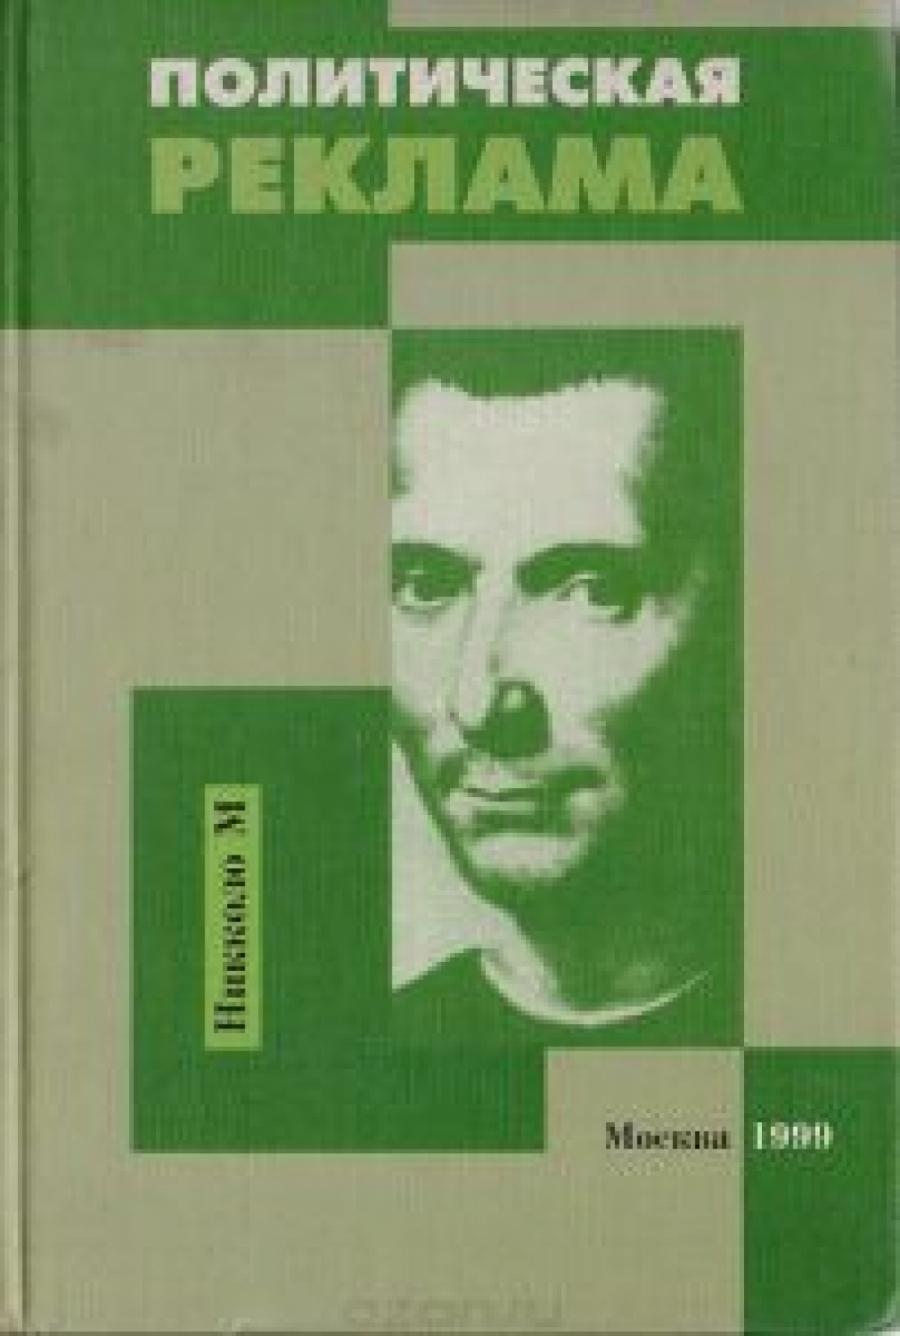 Обложка книги:  е. егорова-гантман, к. плешаков - политическая реклама